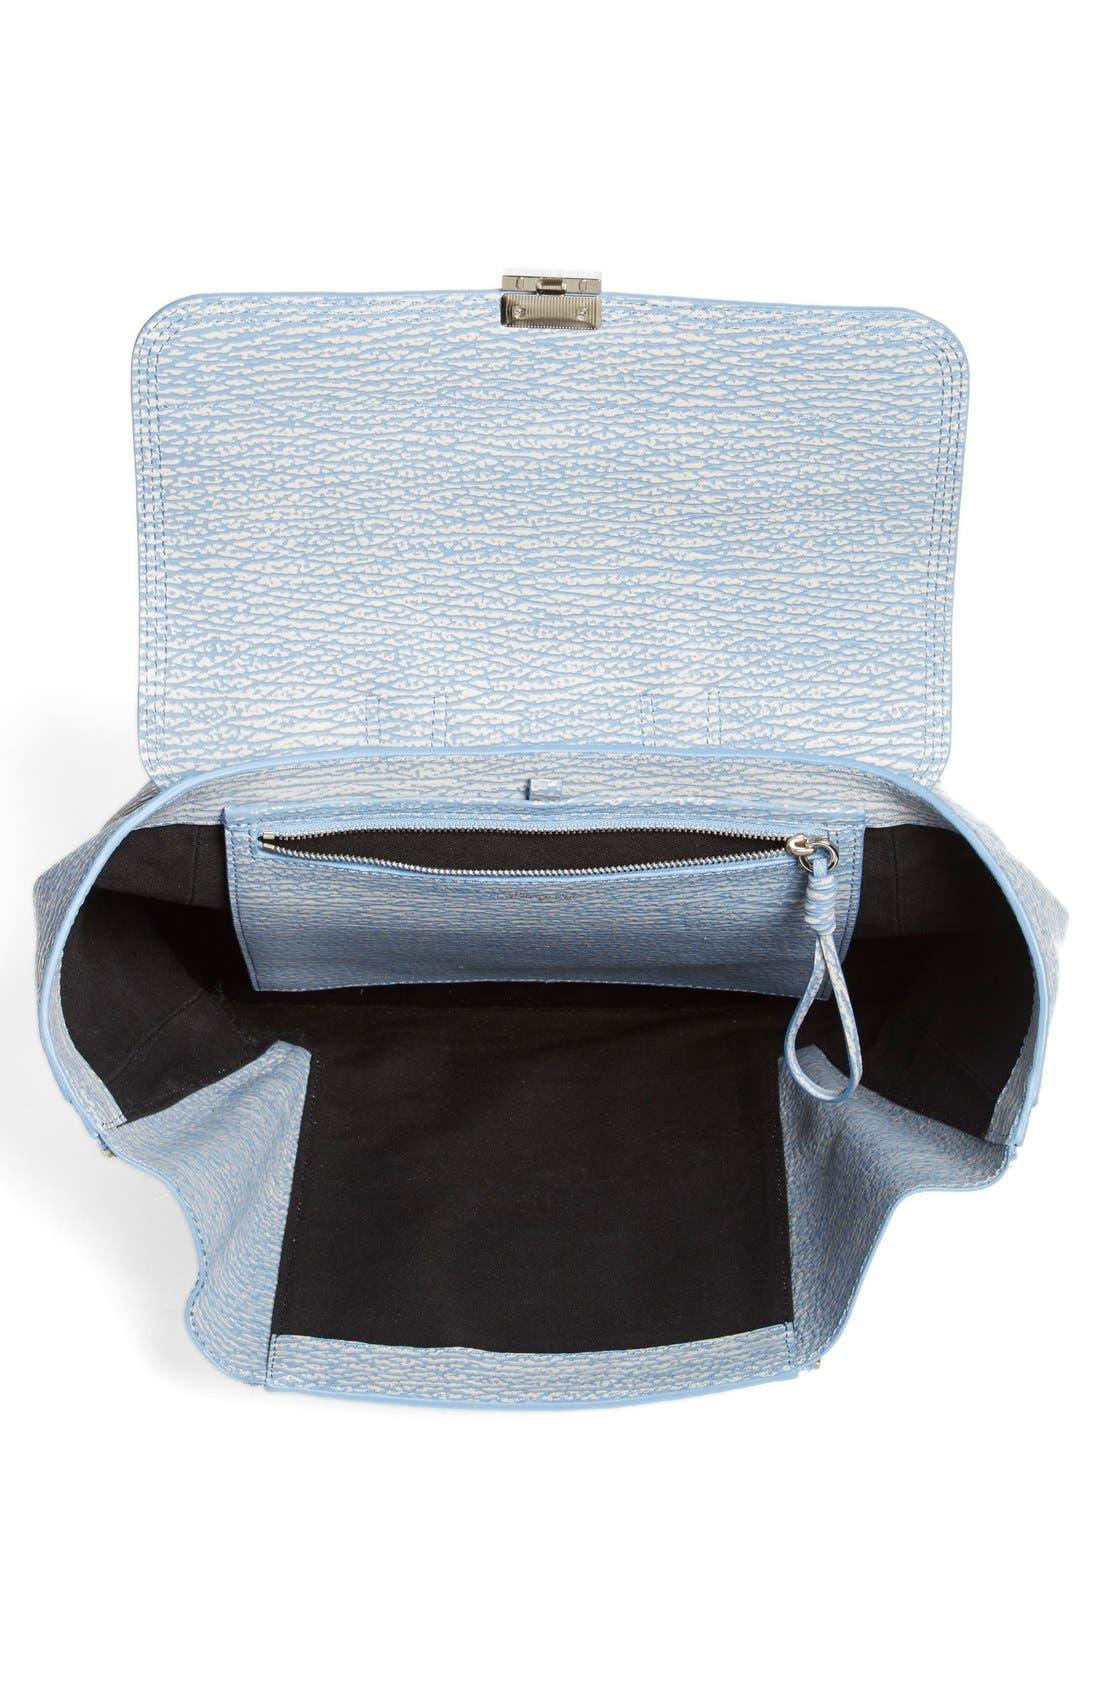 Alternate Image 3  - 3.1 Phillip Lim 'Pashli' Two-Tone Leather Backpack